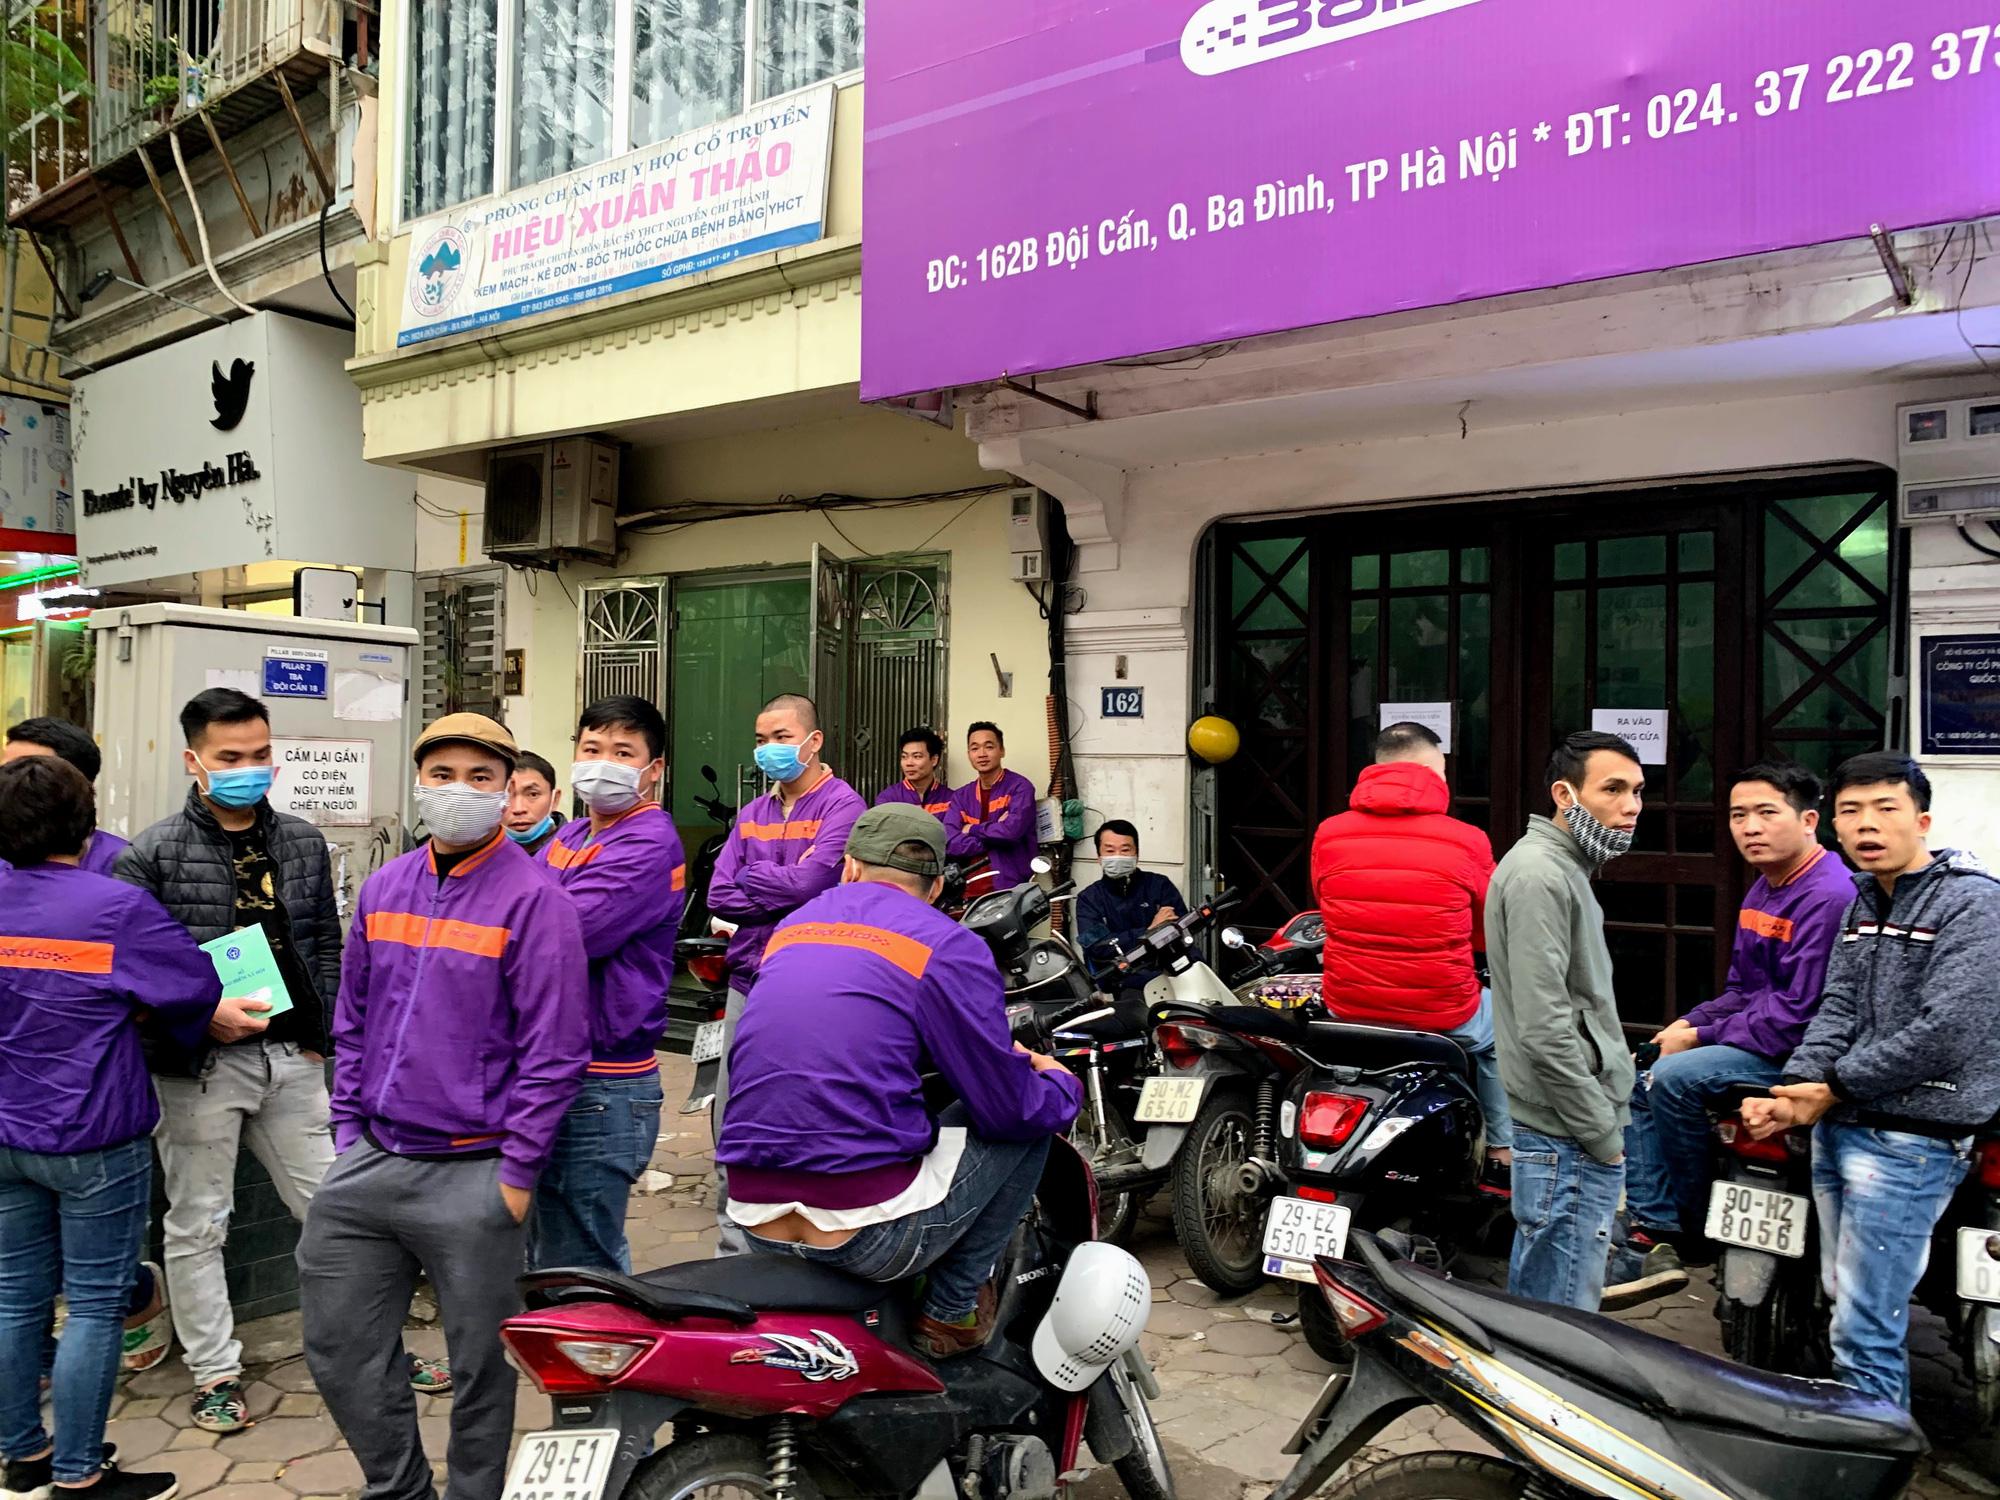 Hàng trăm tài xế Taxi Vic vây ráp trụ sở chính tại Hà Nội, căng biển 'đòi xe' - Ảnh 2.